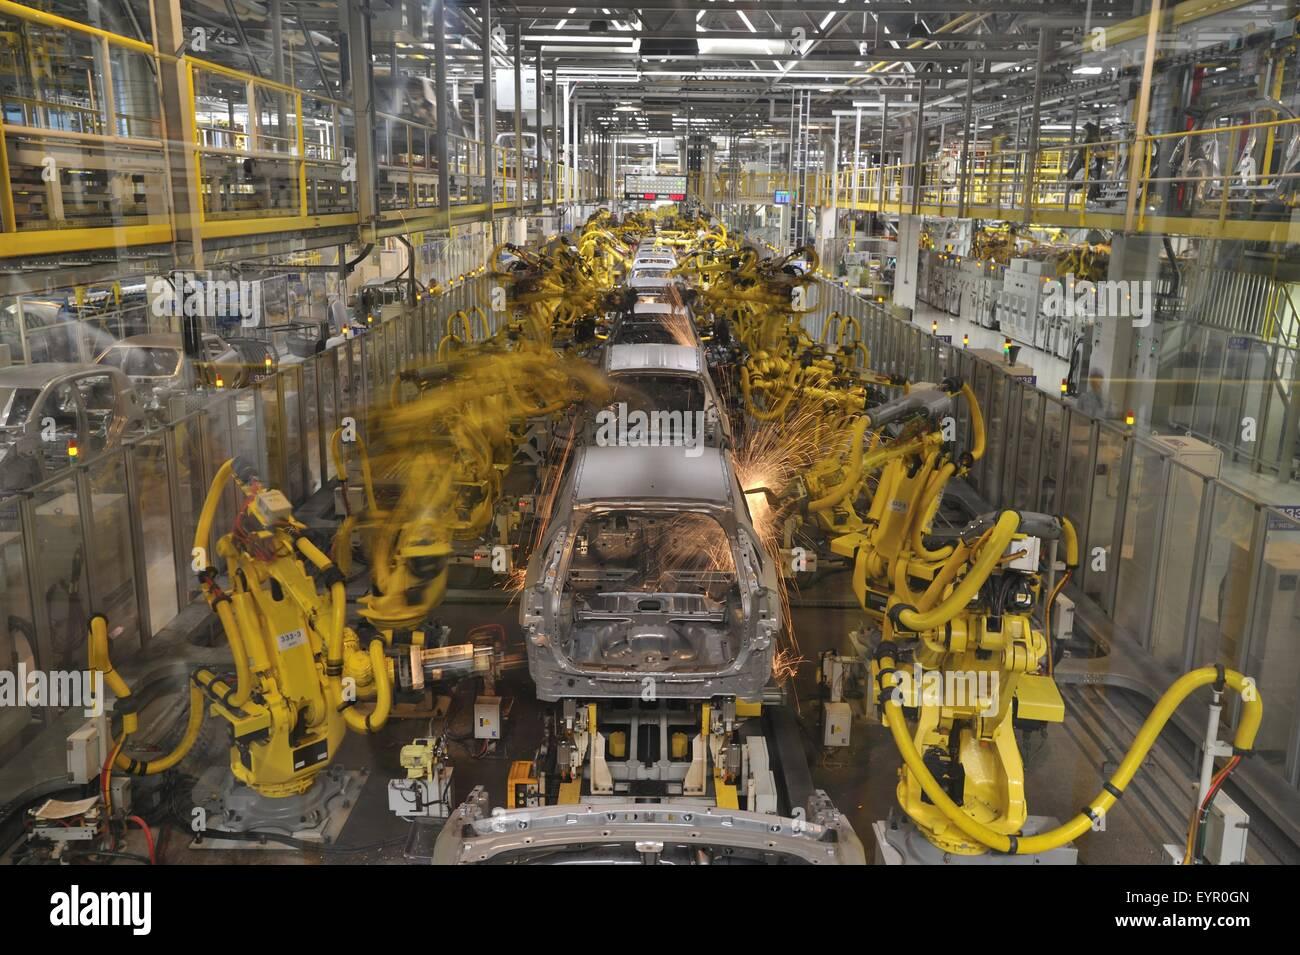 Dentro de una moderna fábrica de coches, vehículos y piezas se mueven a través del proceso de producción Imagen De Stock